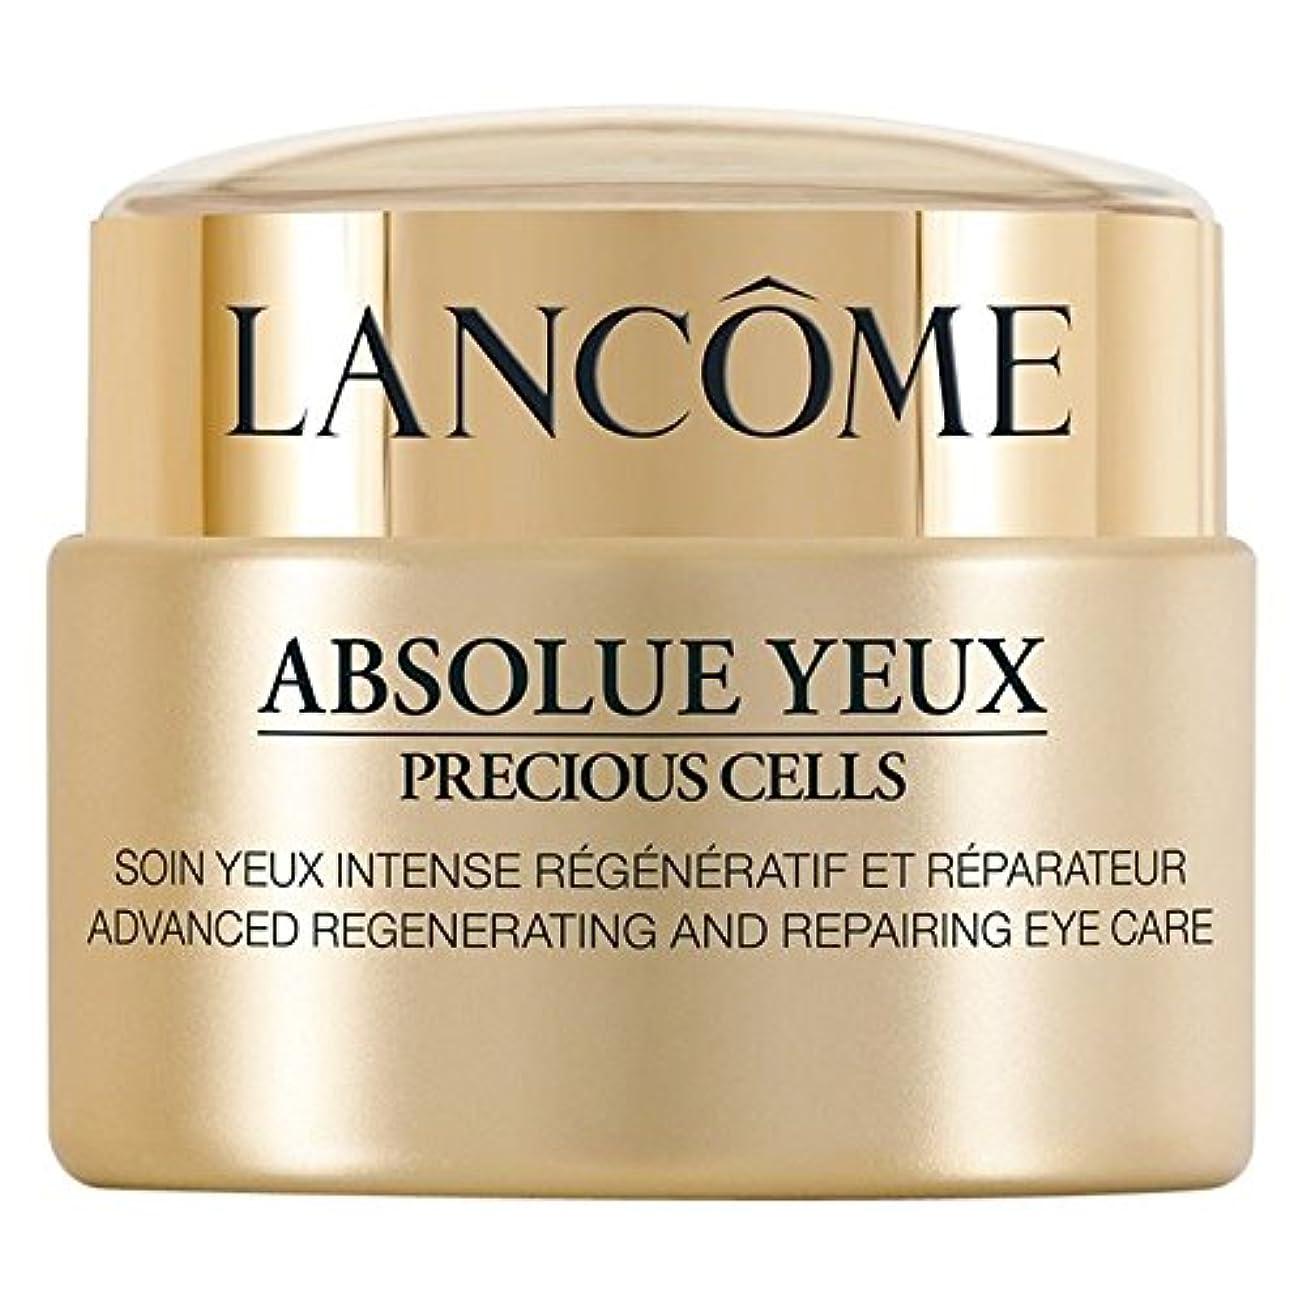 アームストロング瞑想するドライブ[Lanc?me] ランコムアブソリュのYeux貴重なセルアイクリーム20ミリリットル - Lanc?me Absolue Yeux Precious Cells Eye Cream 20ml [並行輸入品]